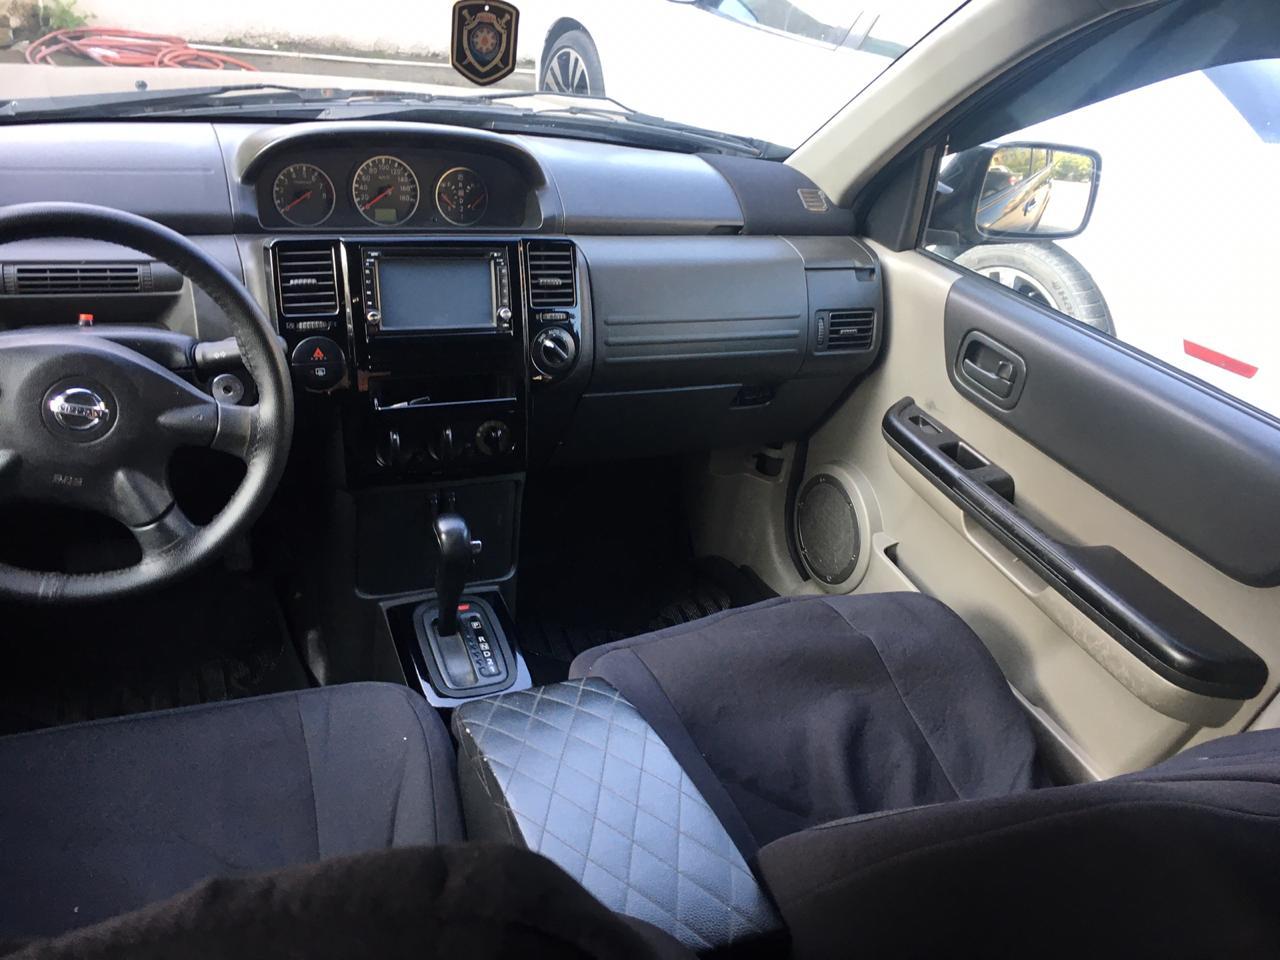 Nissan X-Trail 2.0(lt) 2004 İkinci əl  $13900